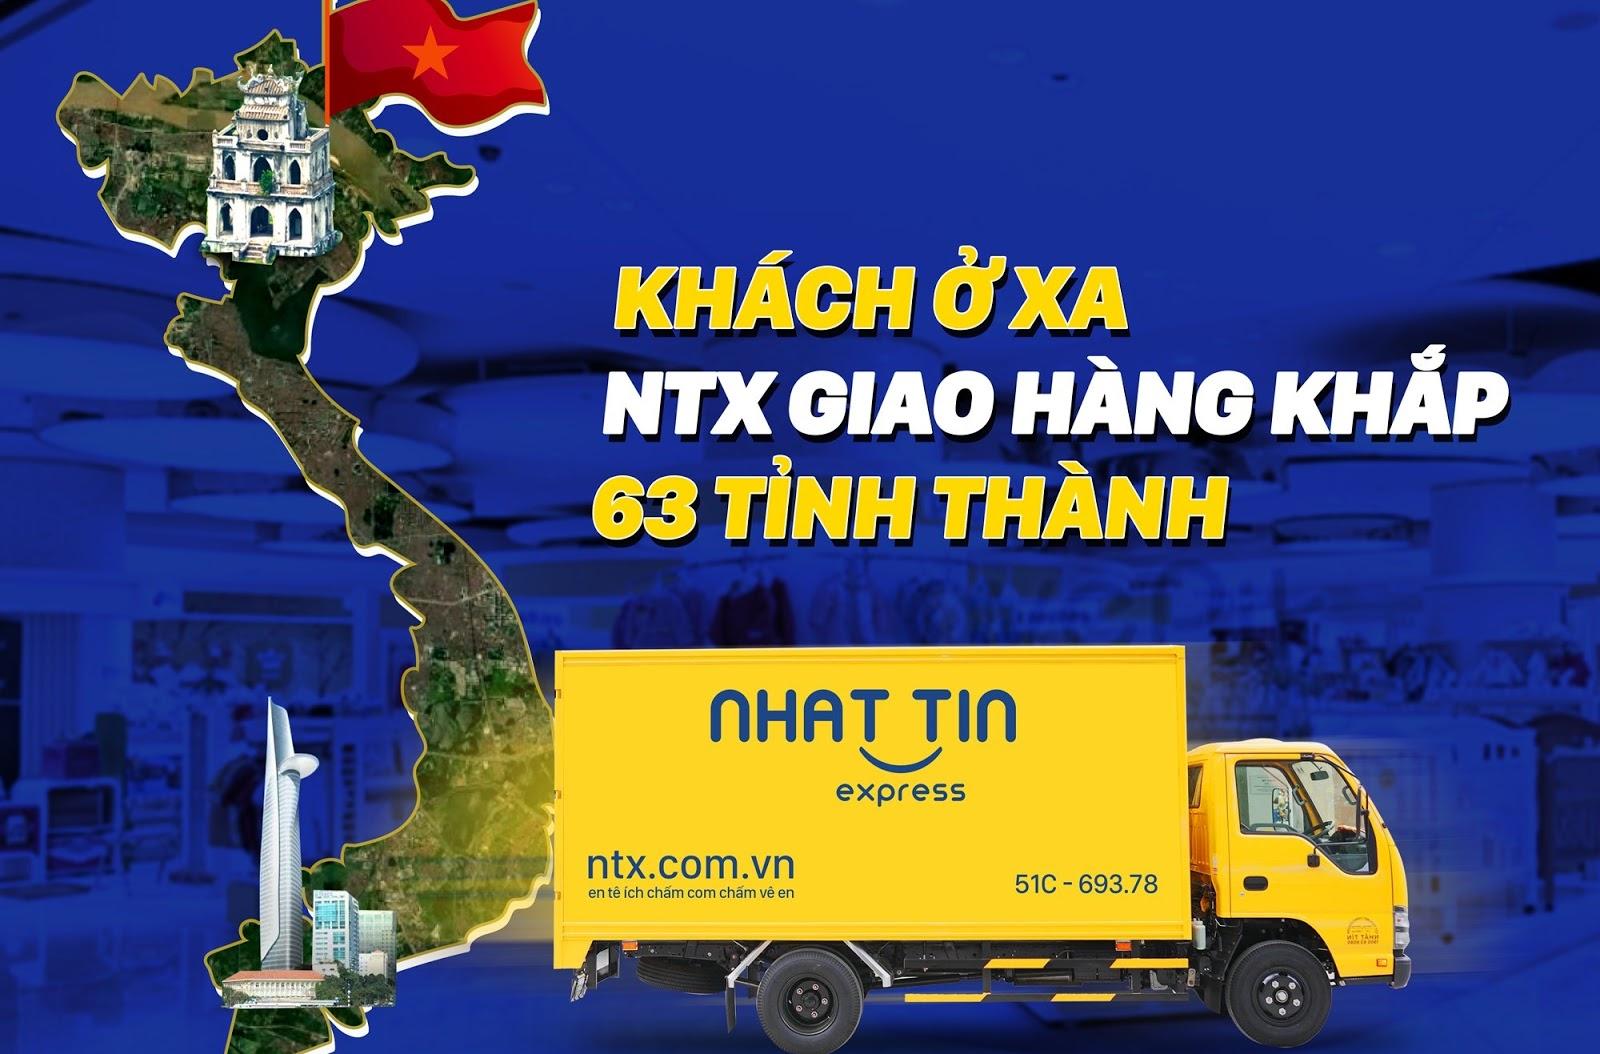 Nhất Tín Express cung cấp những dịch vụ giá trị gia tăng tiện ích khi gửi hàng đi Hà Nội